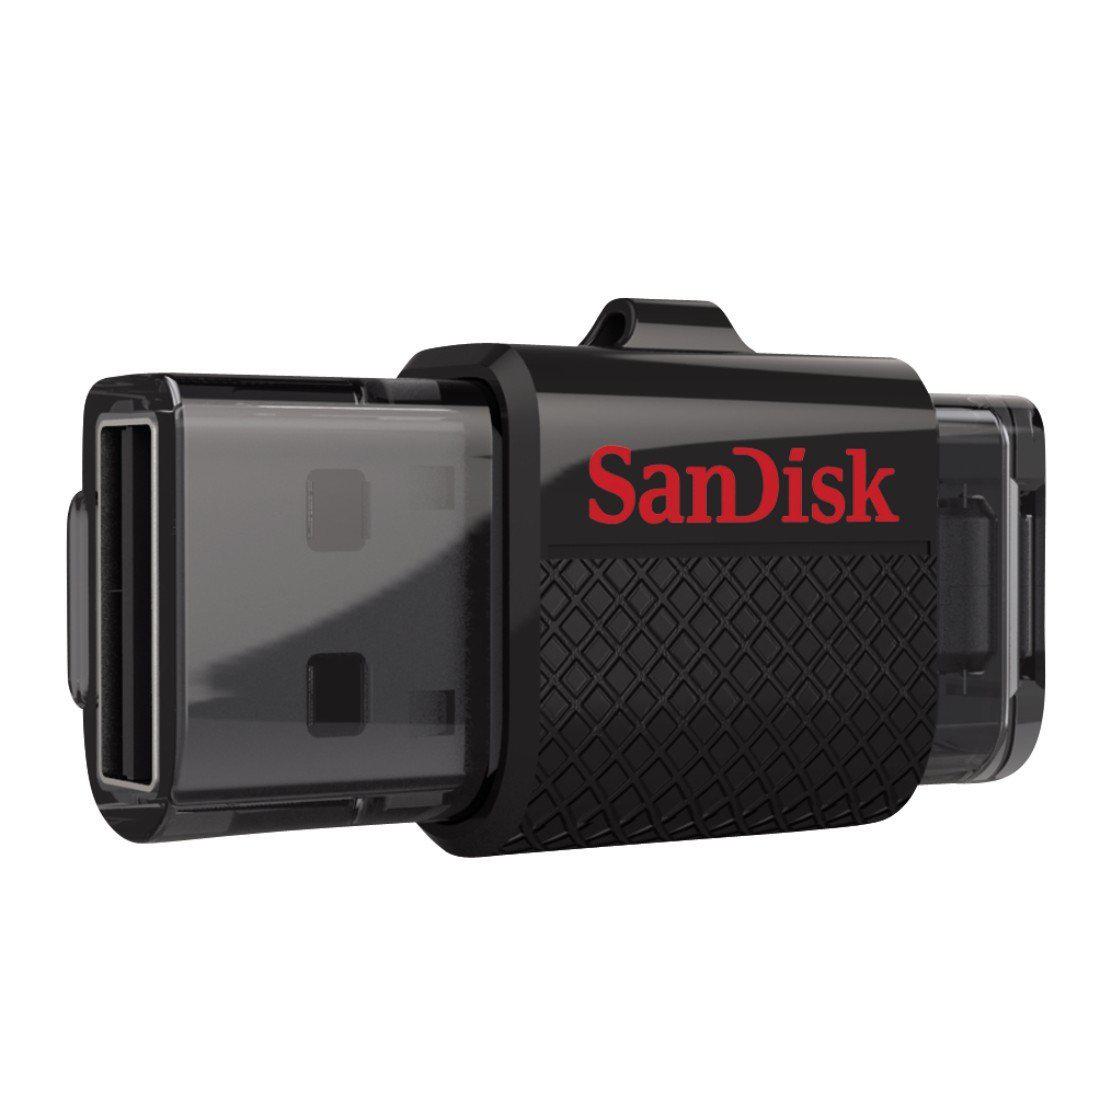 Clé USB/micro-USB OTG 2.0 SanDisk Dual Drive 64Go